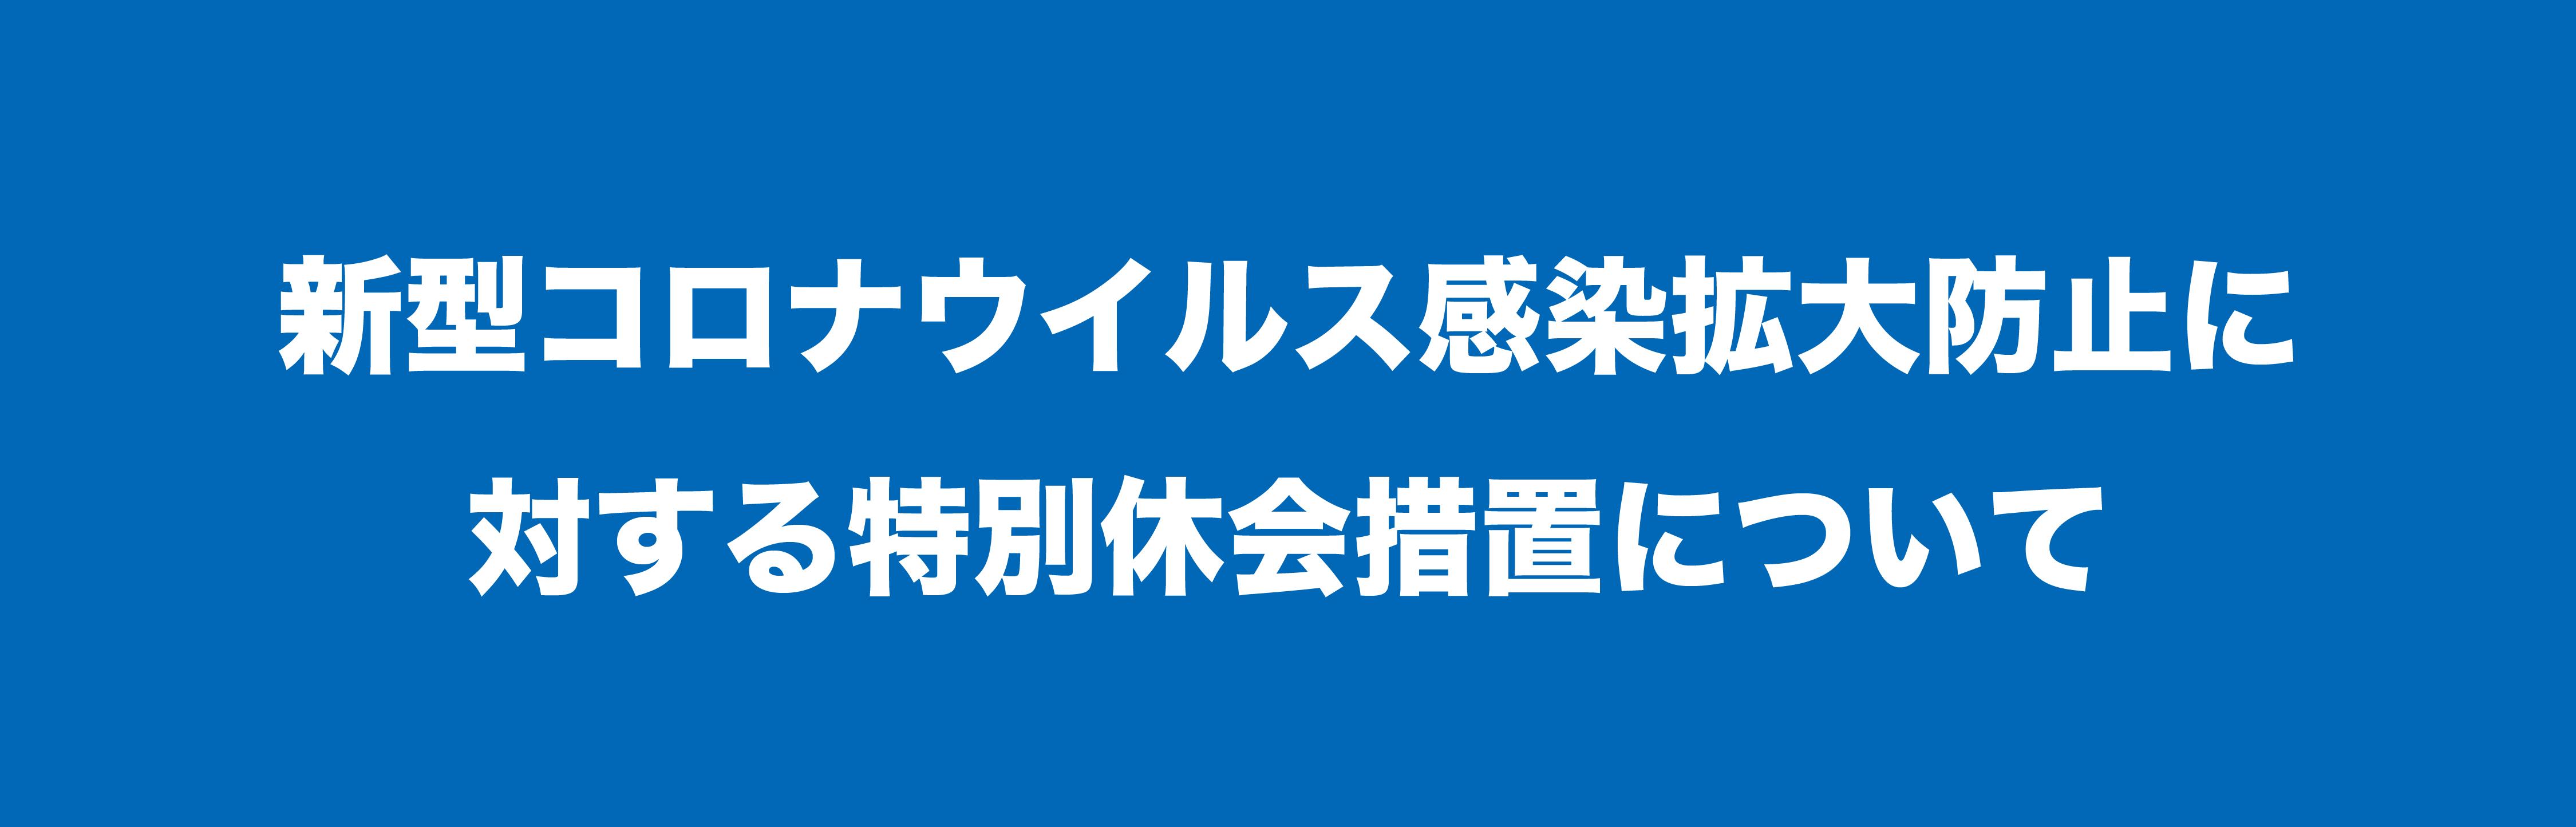 【会員様】 新型コロナウイルス感染拡大防止に対する特別休会措置について